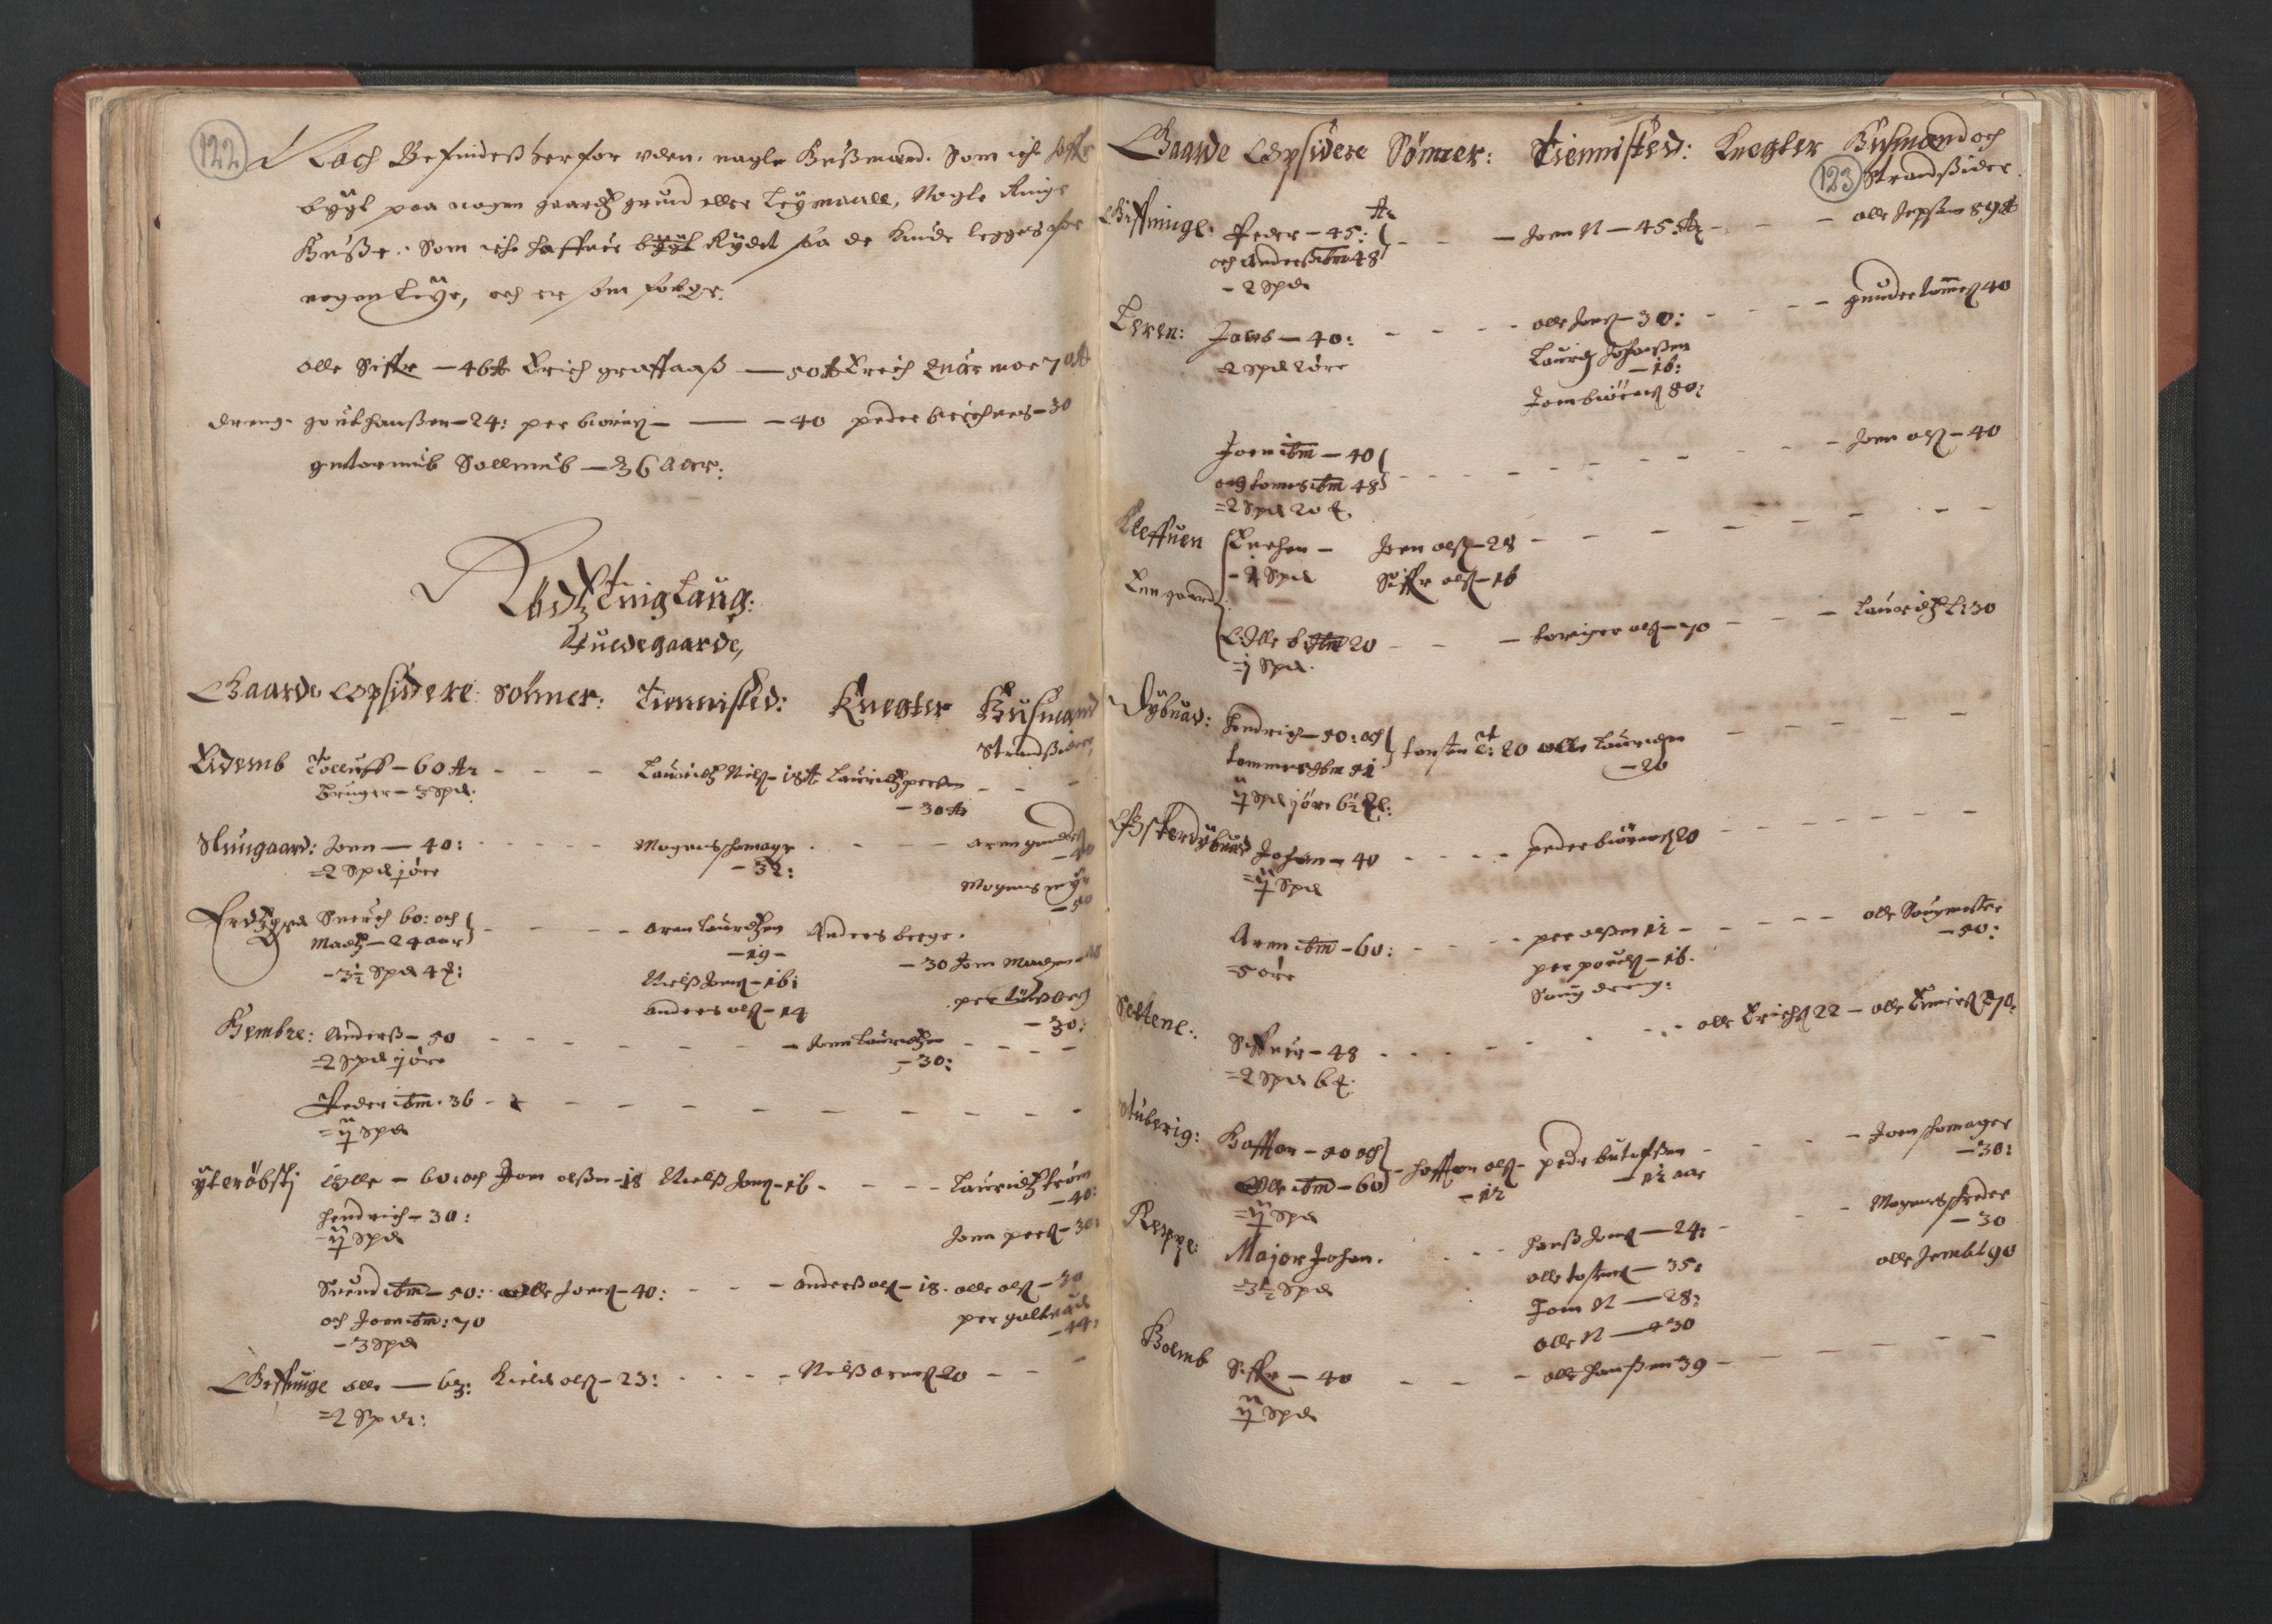 RA, Fogdenes og sorenskrivernes manntall 1664-1666, nr. 19: Fosen fogderi, Inderøy fogderi, Selbu fogderi, Namdal fogderi og Stjørdal fogderi, 1664-1665, s. 122-123